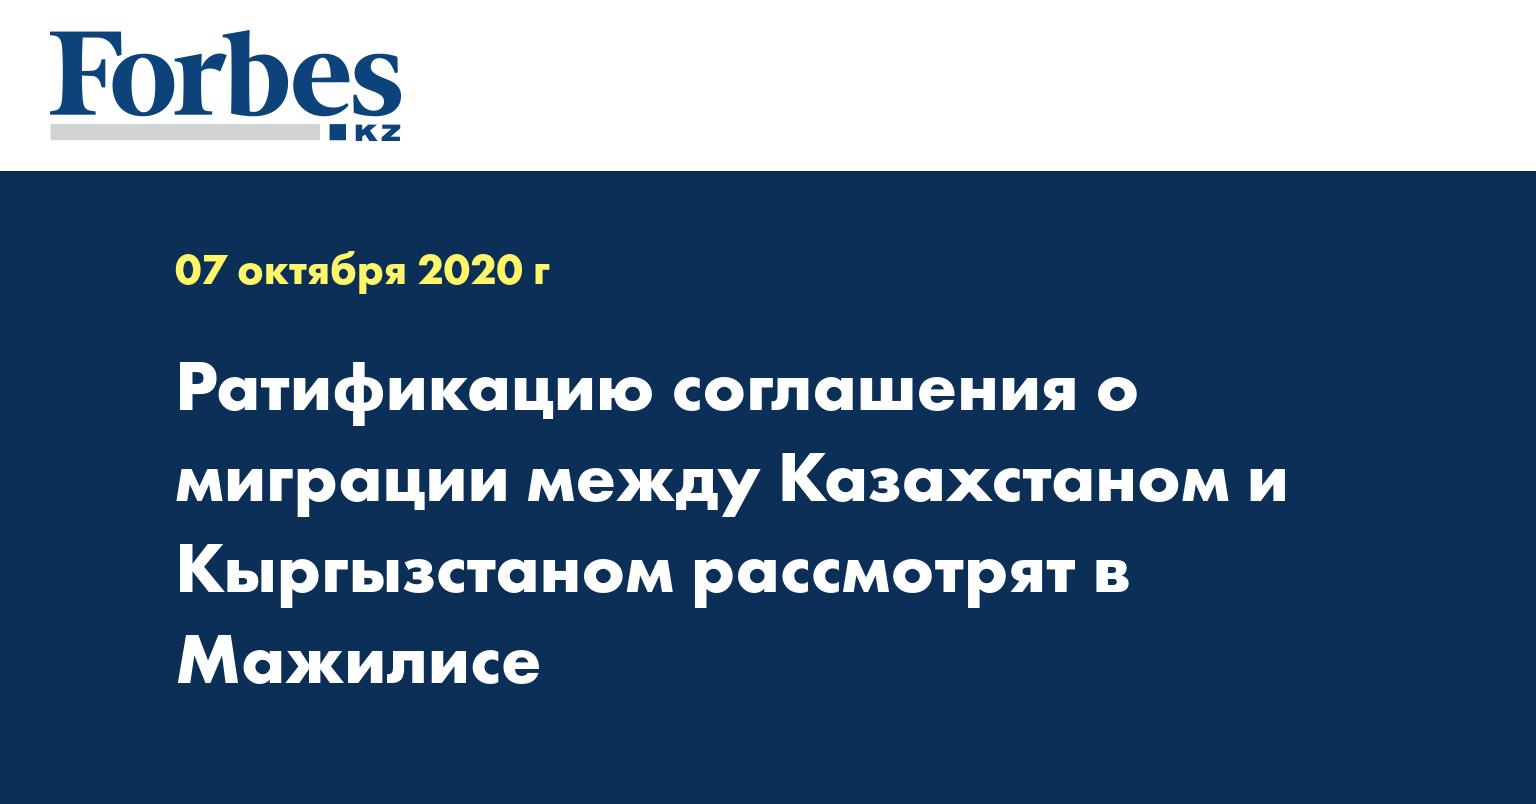 Ратификацию соглашения о миграции между Казахстаном и Кыргызстаном рассмотрят в мажилисе